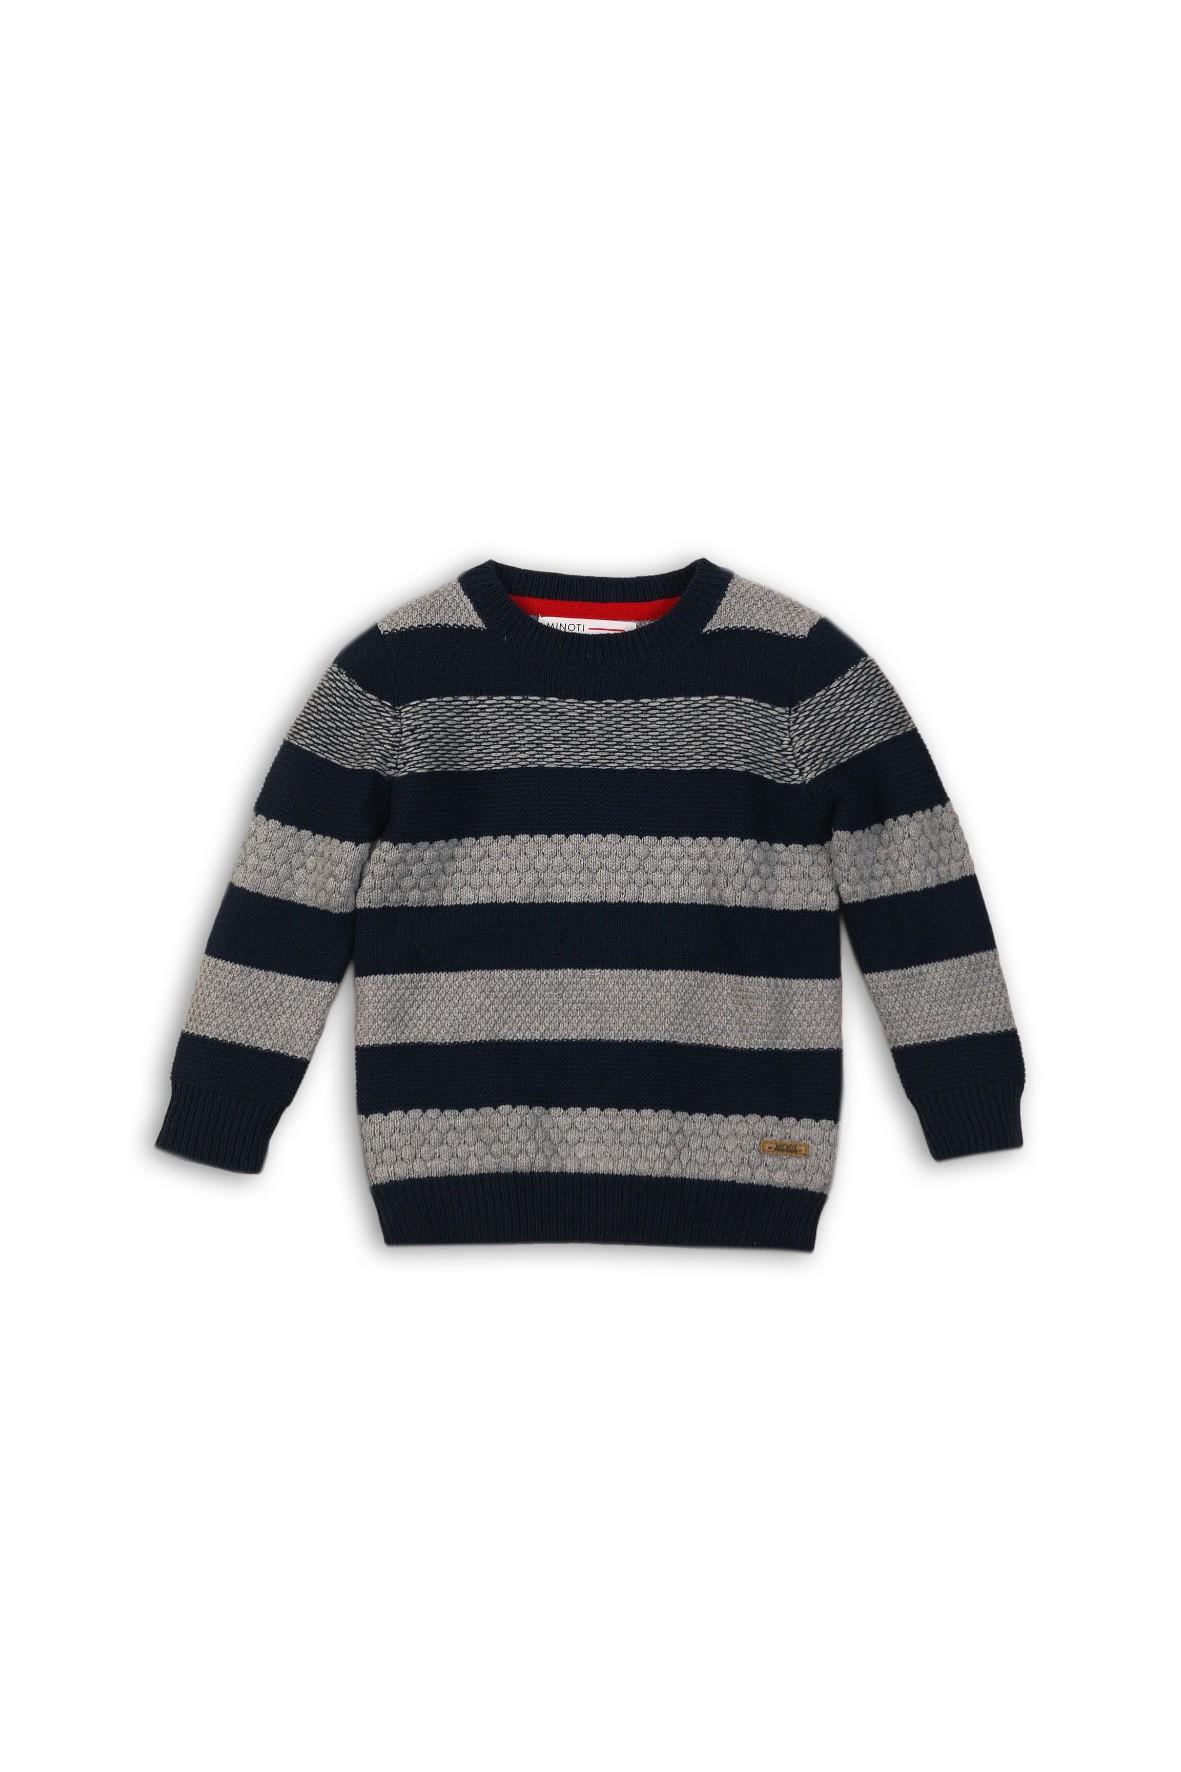 Sweter chłopięcy szary w czarne paski